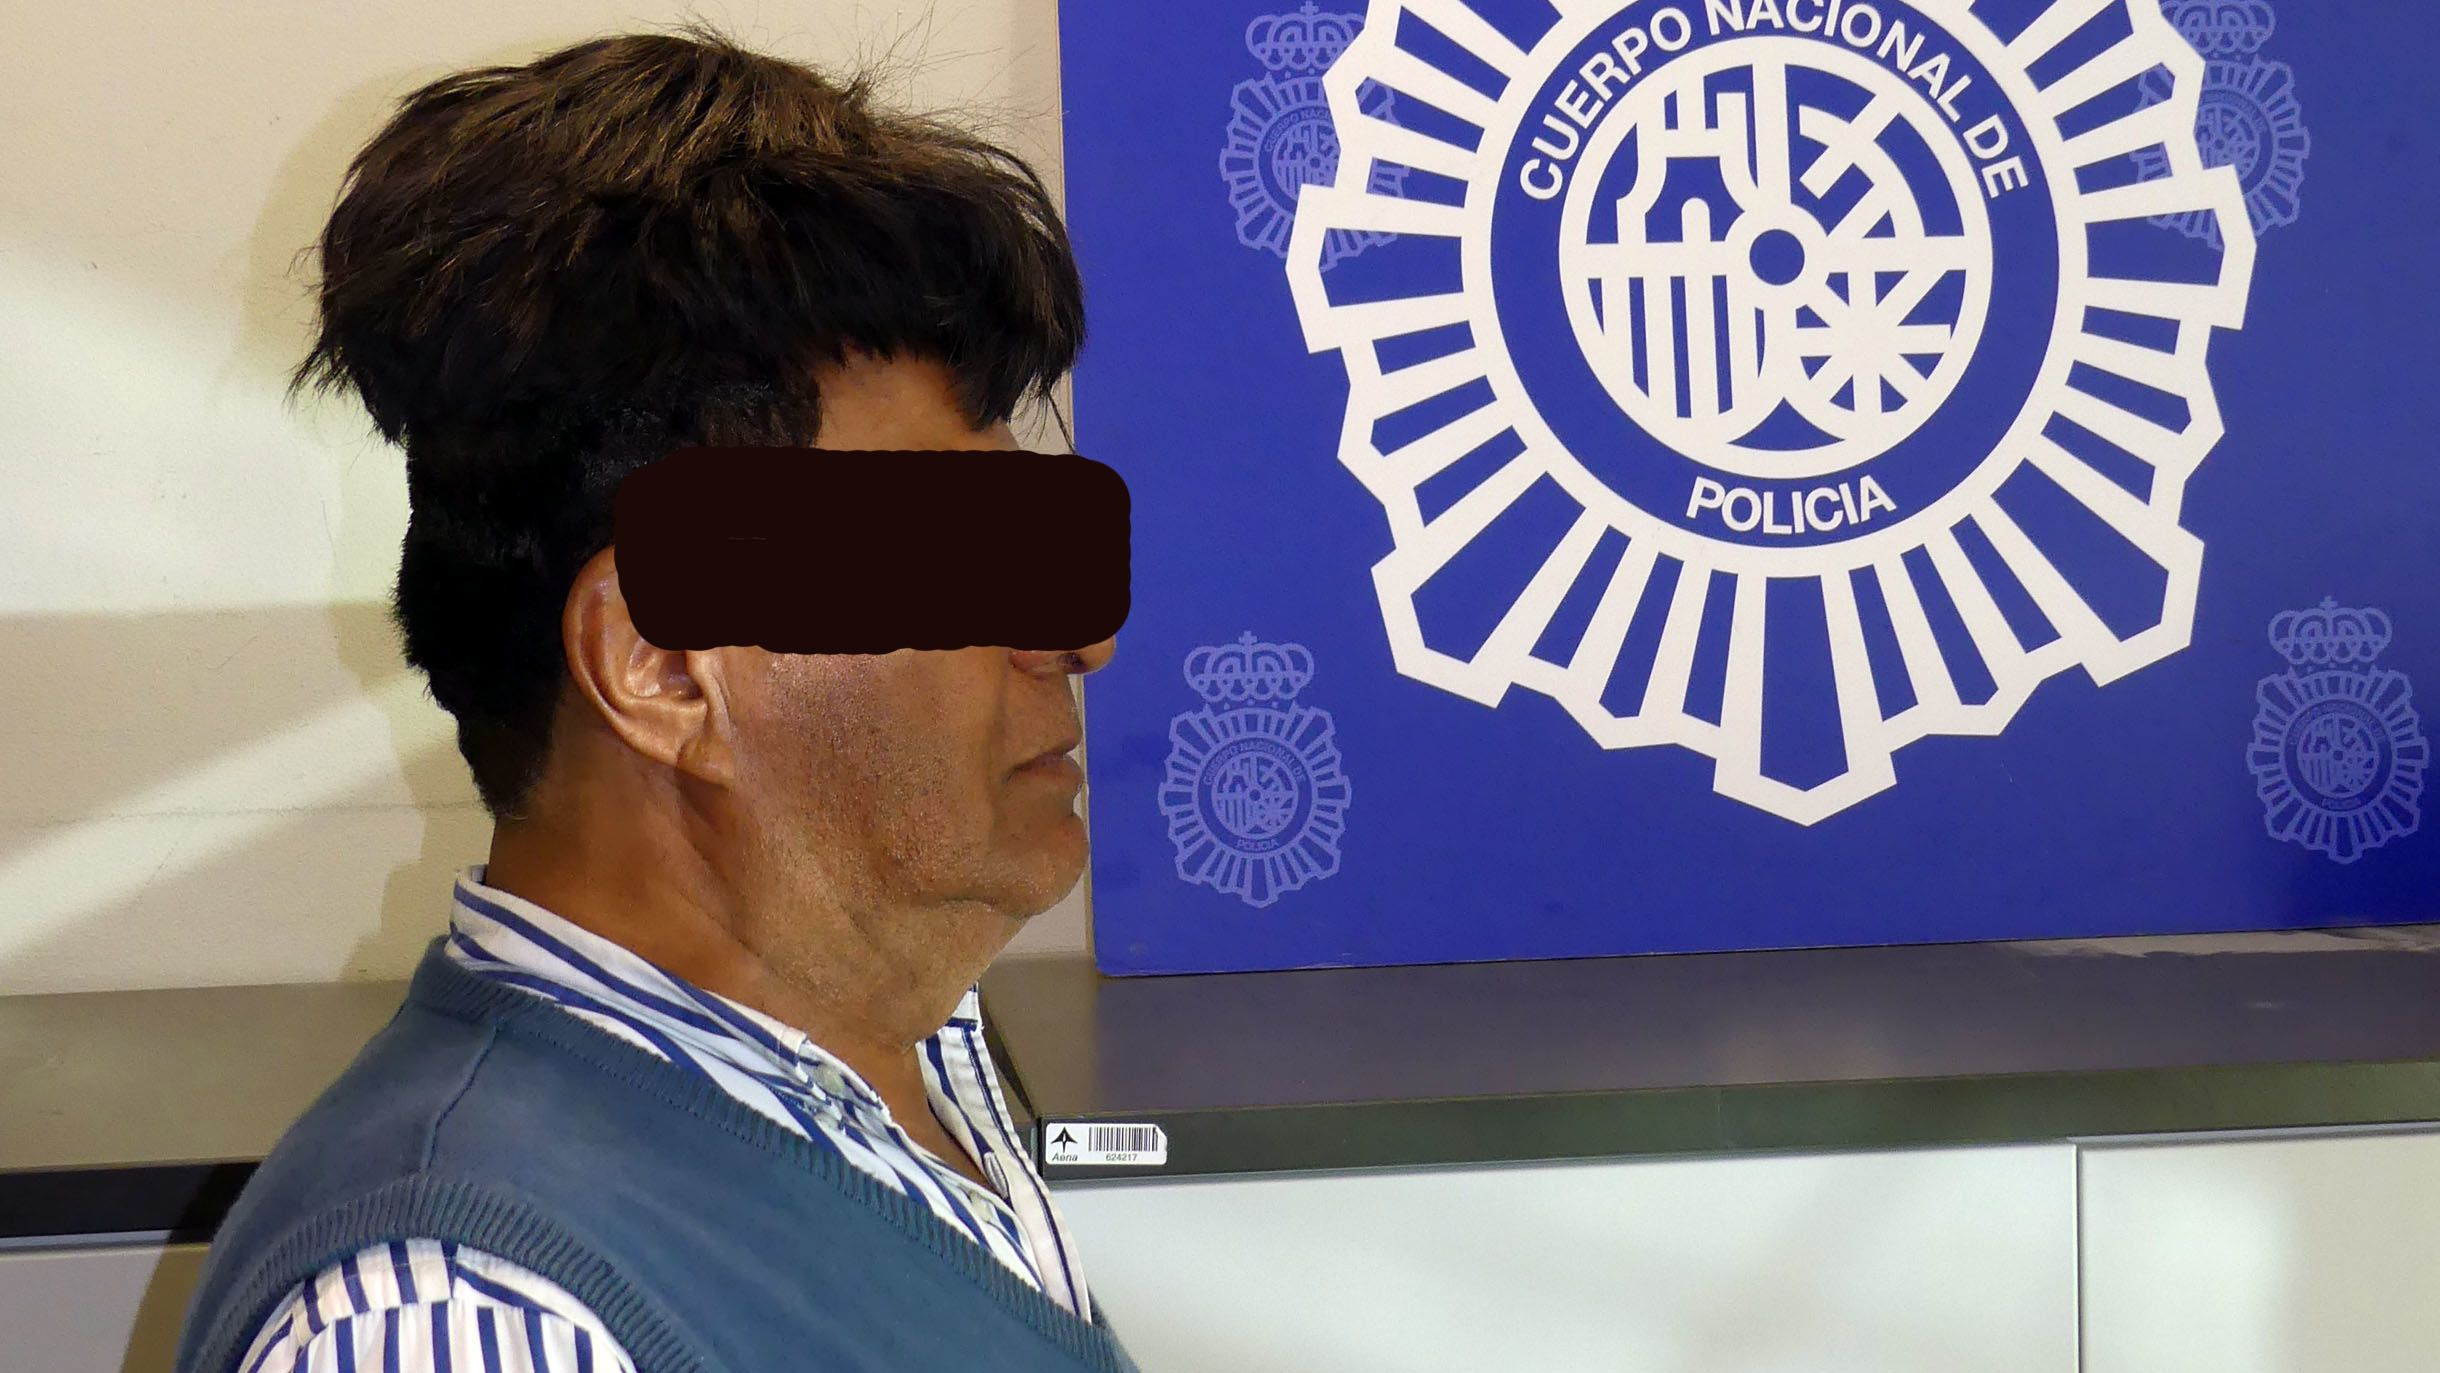 Auf der Aufnahme von der spanischen Nationalpolizei in Barcelona ist der Festgenommene mit der Kokainpackung auf dem Kopf zu sehen.